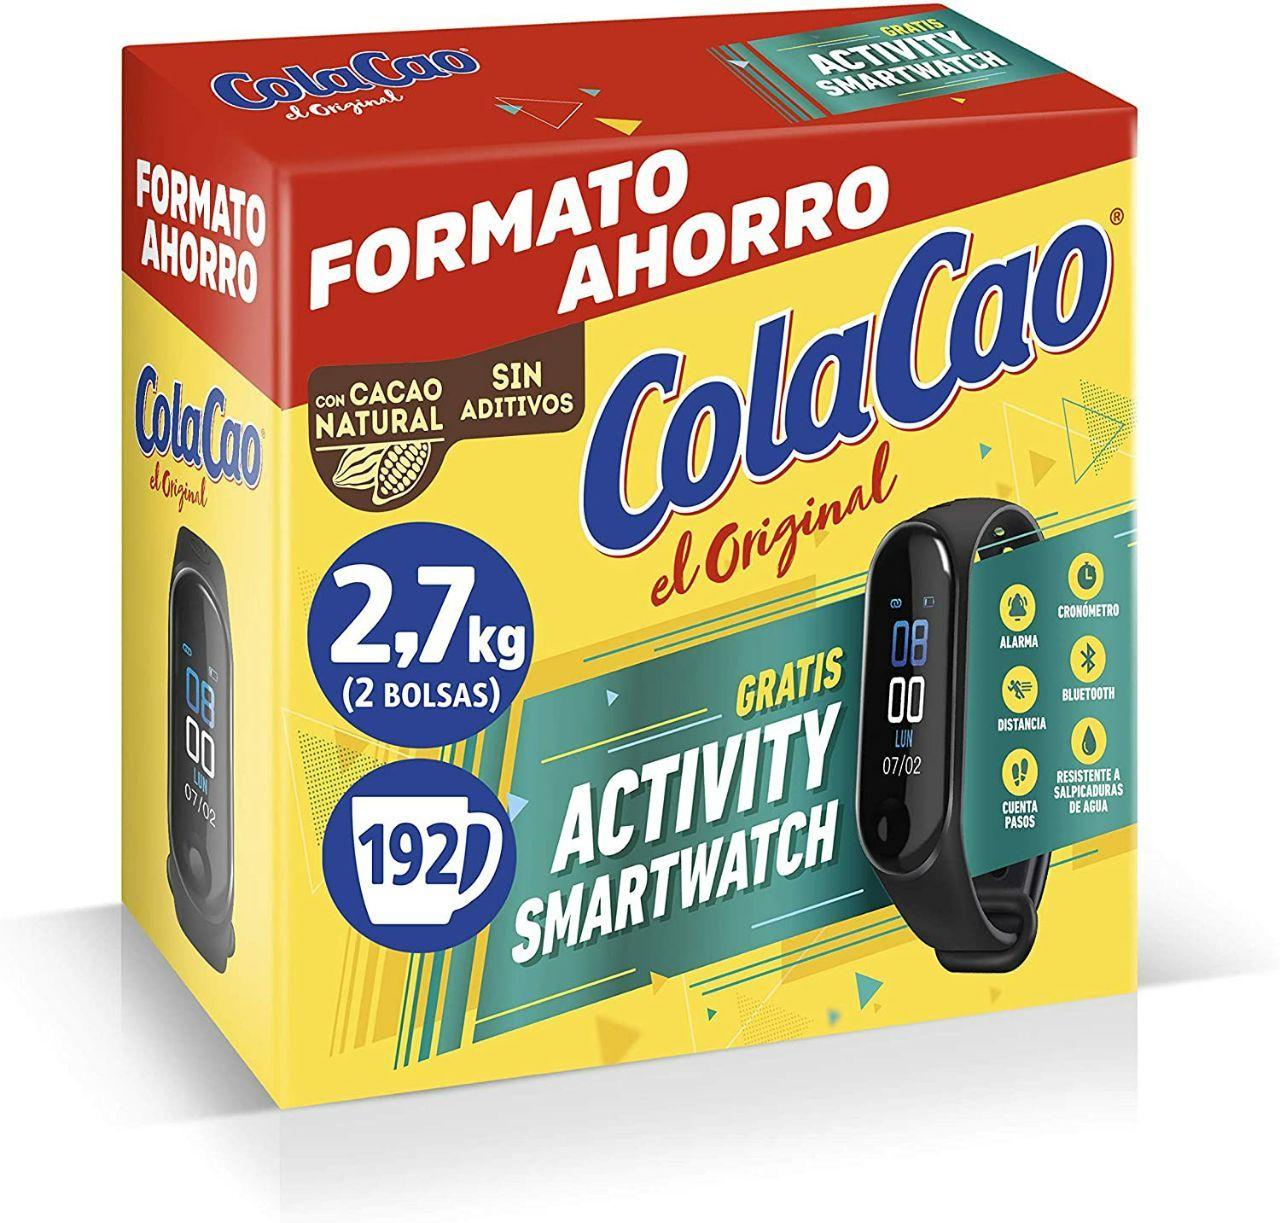 Colacao 2.7 kg + REGALO SMARTWATCH